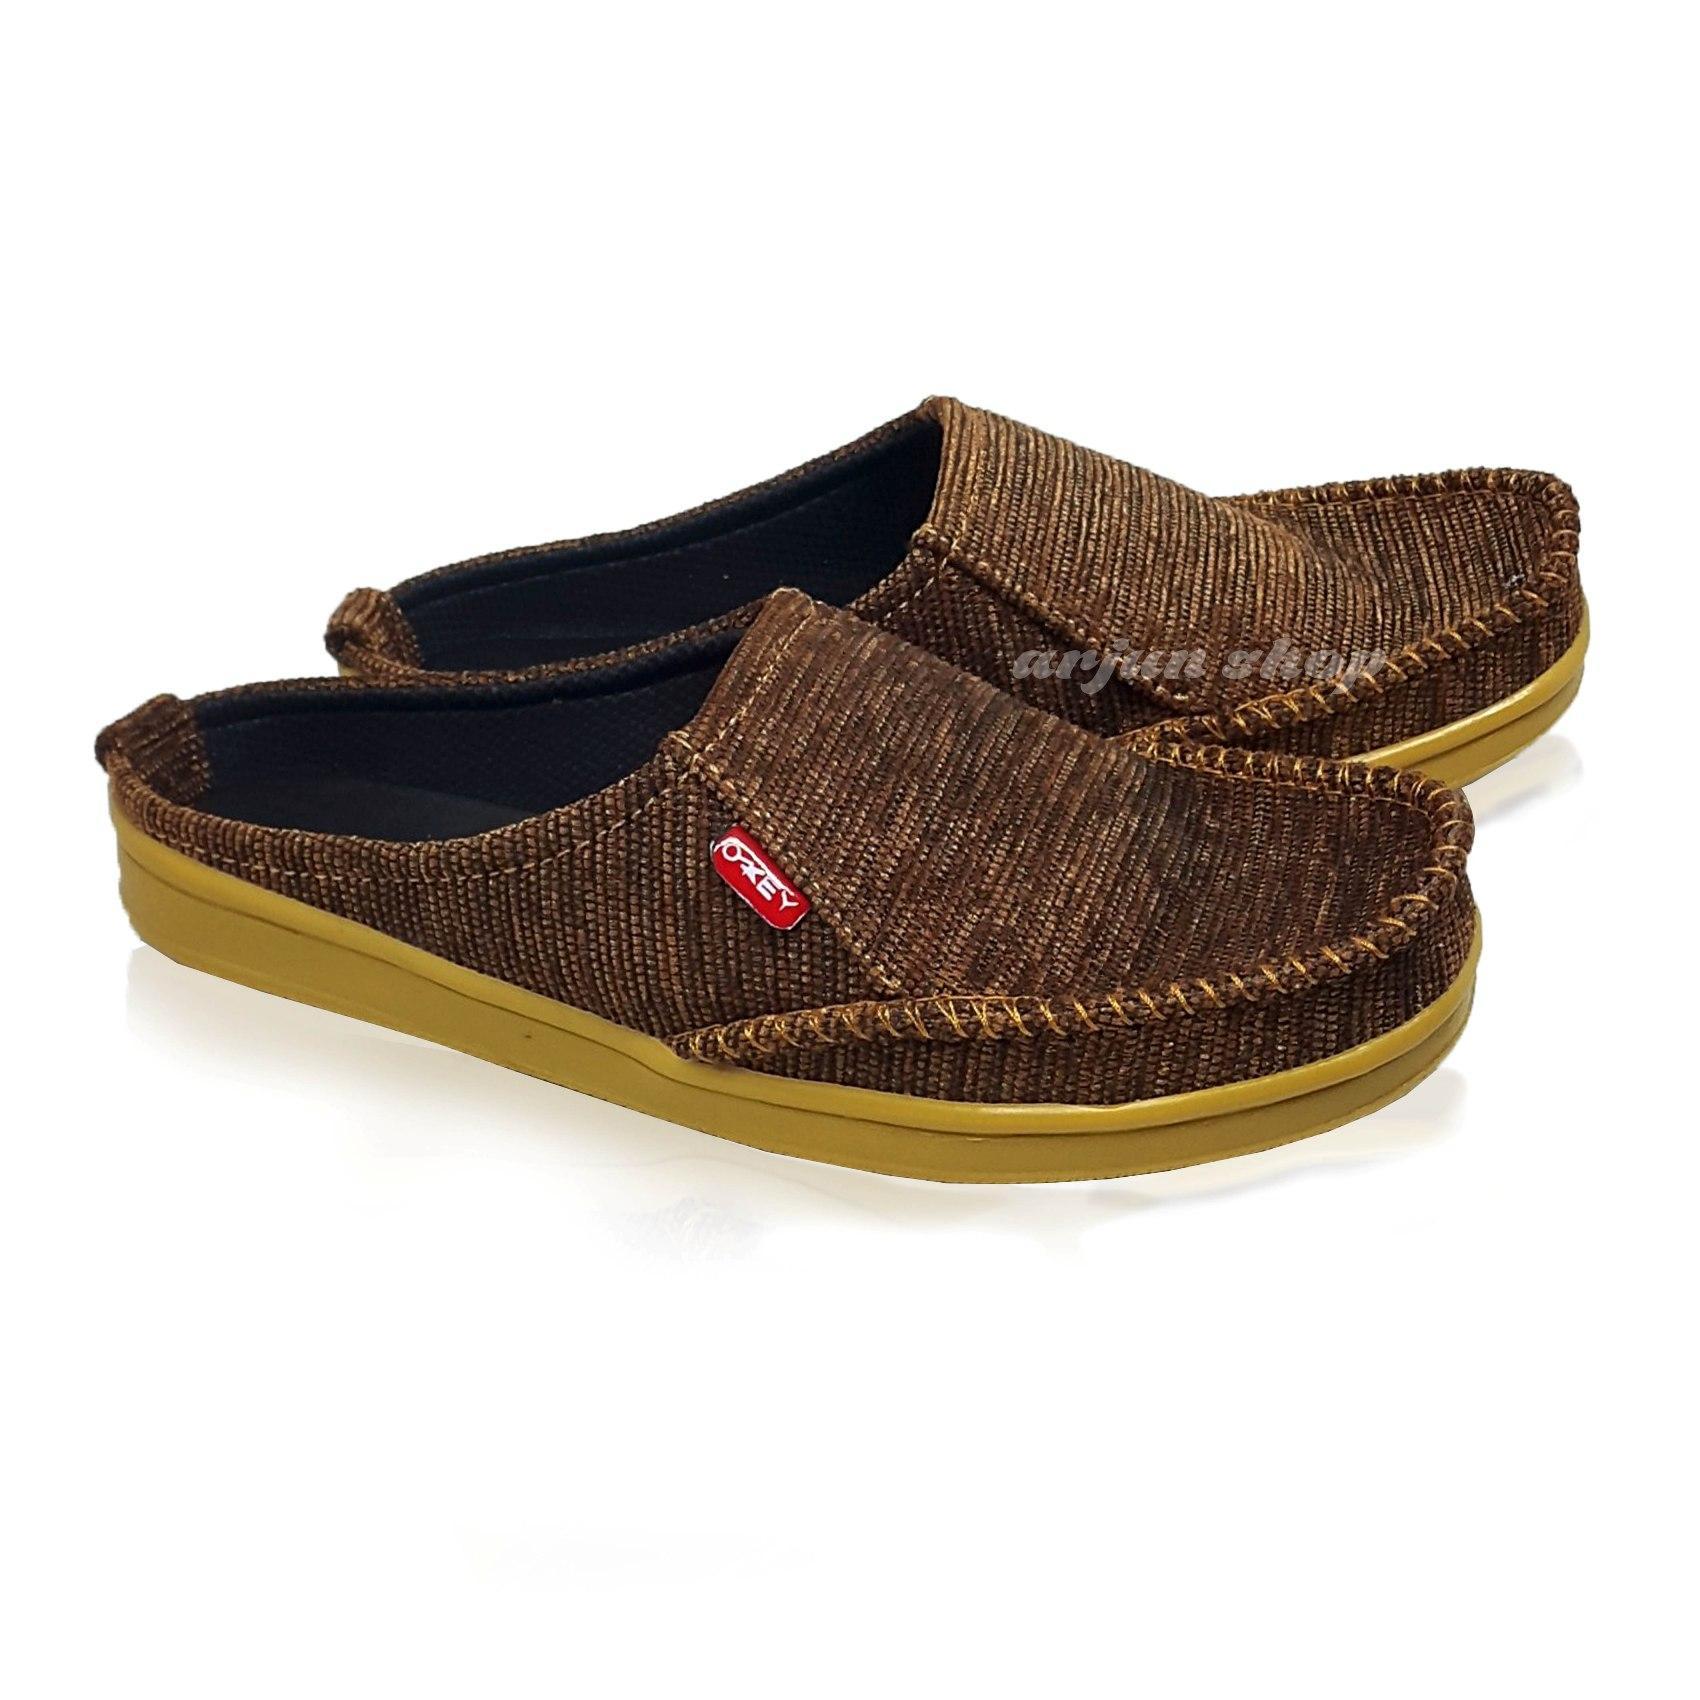 Sandal Selop Pria Cowok Karet Bagus Arjun Okay Sepatu Murah Bagor Hitam Cokelat Abu